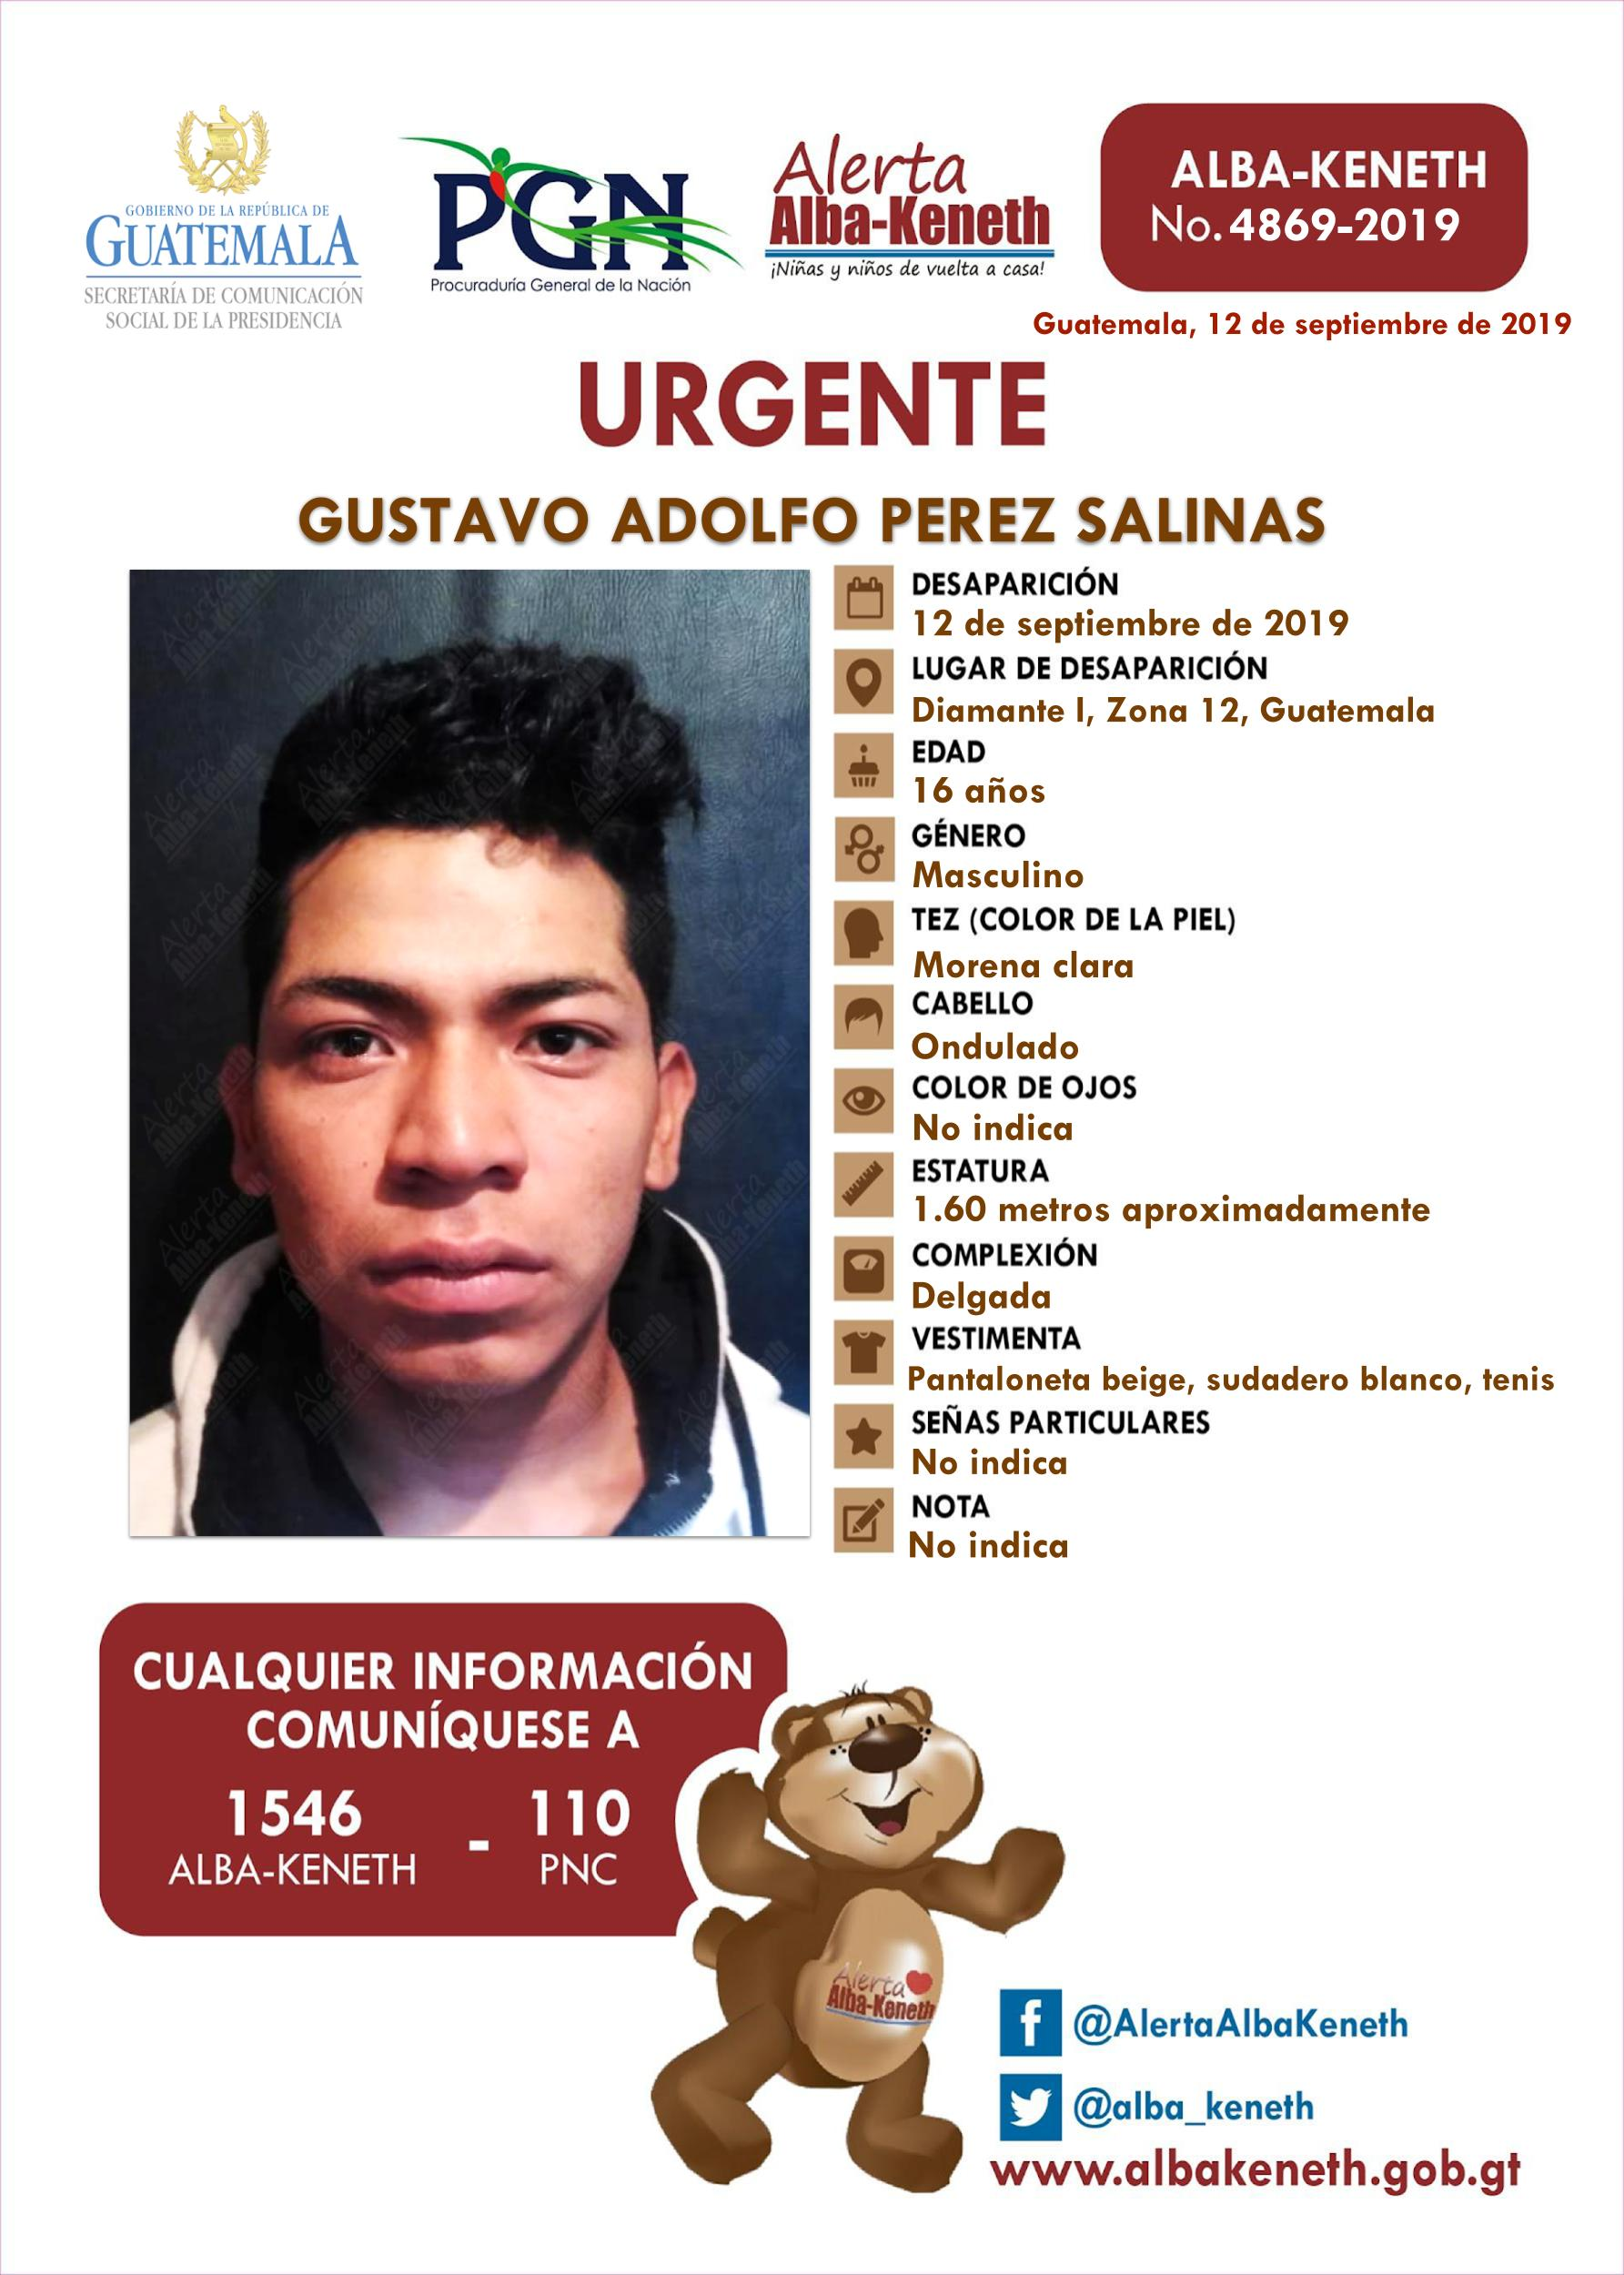 Gustavo Adolfo Perez Salinas